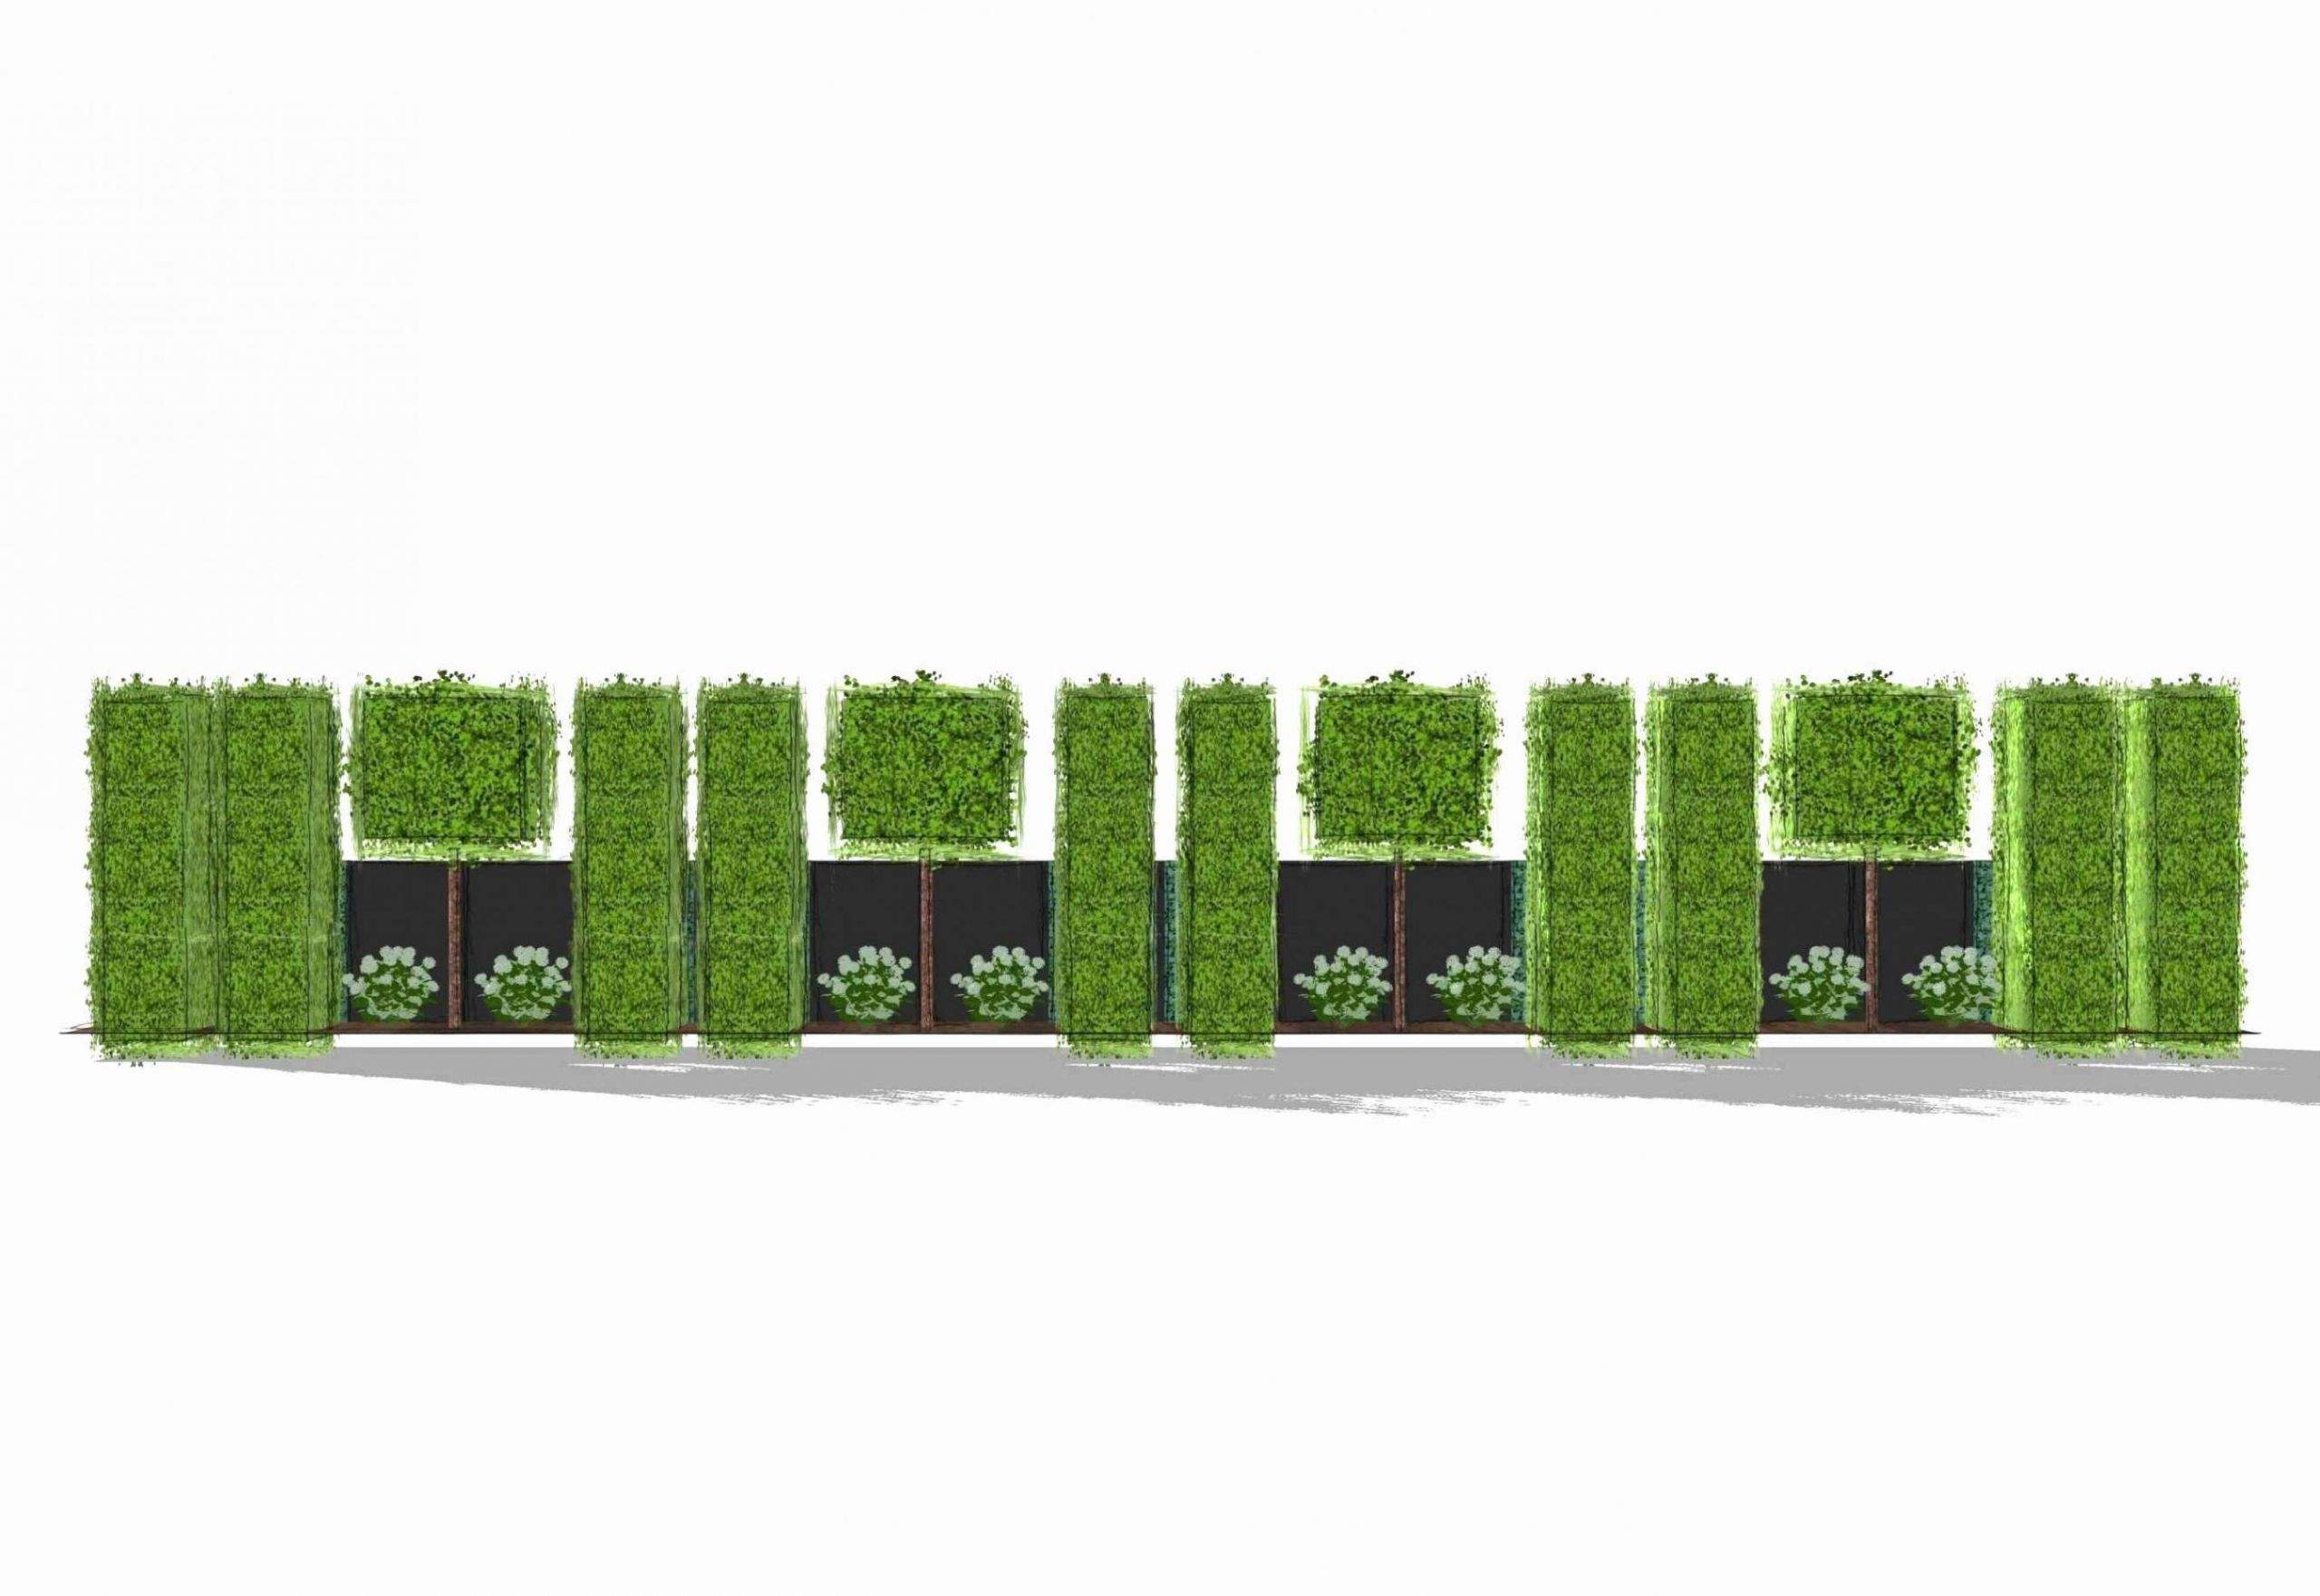 stromverteiler garten frisch winterharte kubelpflanzen als sichtschutz temobardz home blog of stromverteiler garten scaled